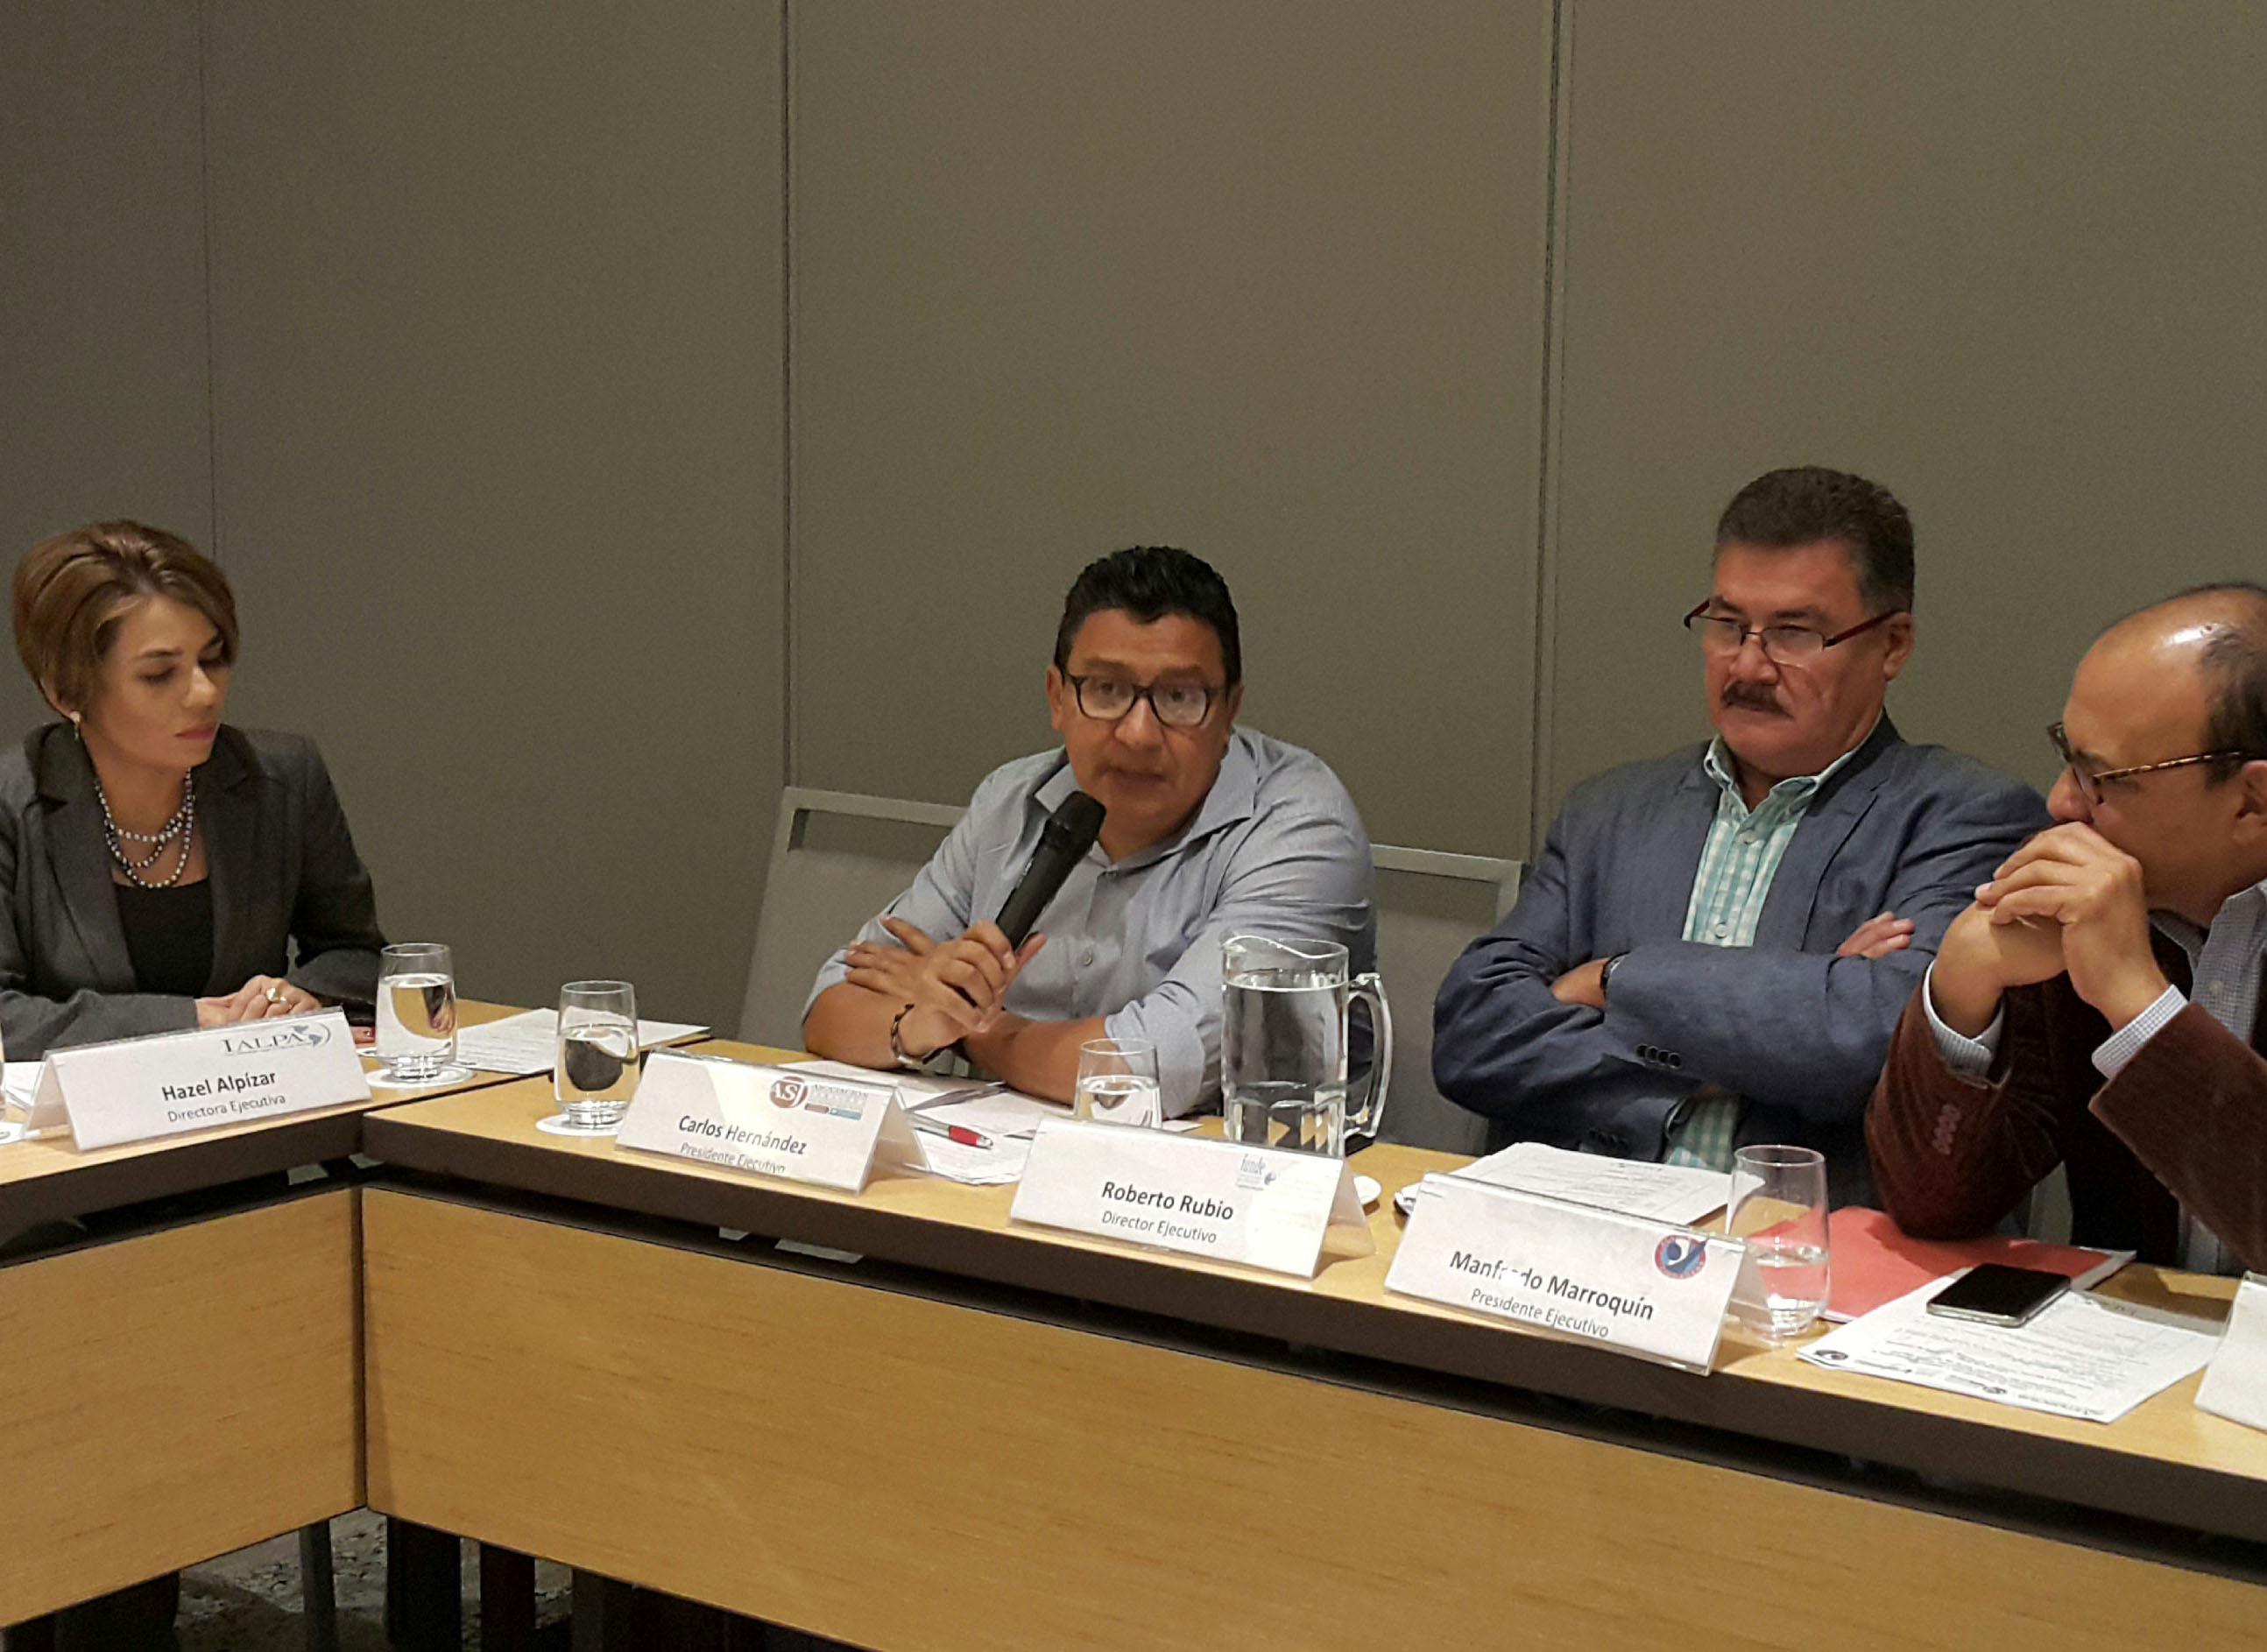 Dirigentes de la Asociación para una Sociedad más Justa (ASJ) lideran la delegación hondureña en la reunión a celebrarse en la capital guatemalteca